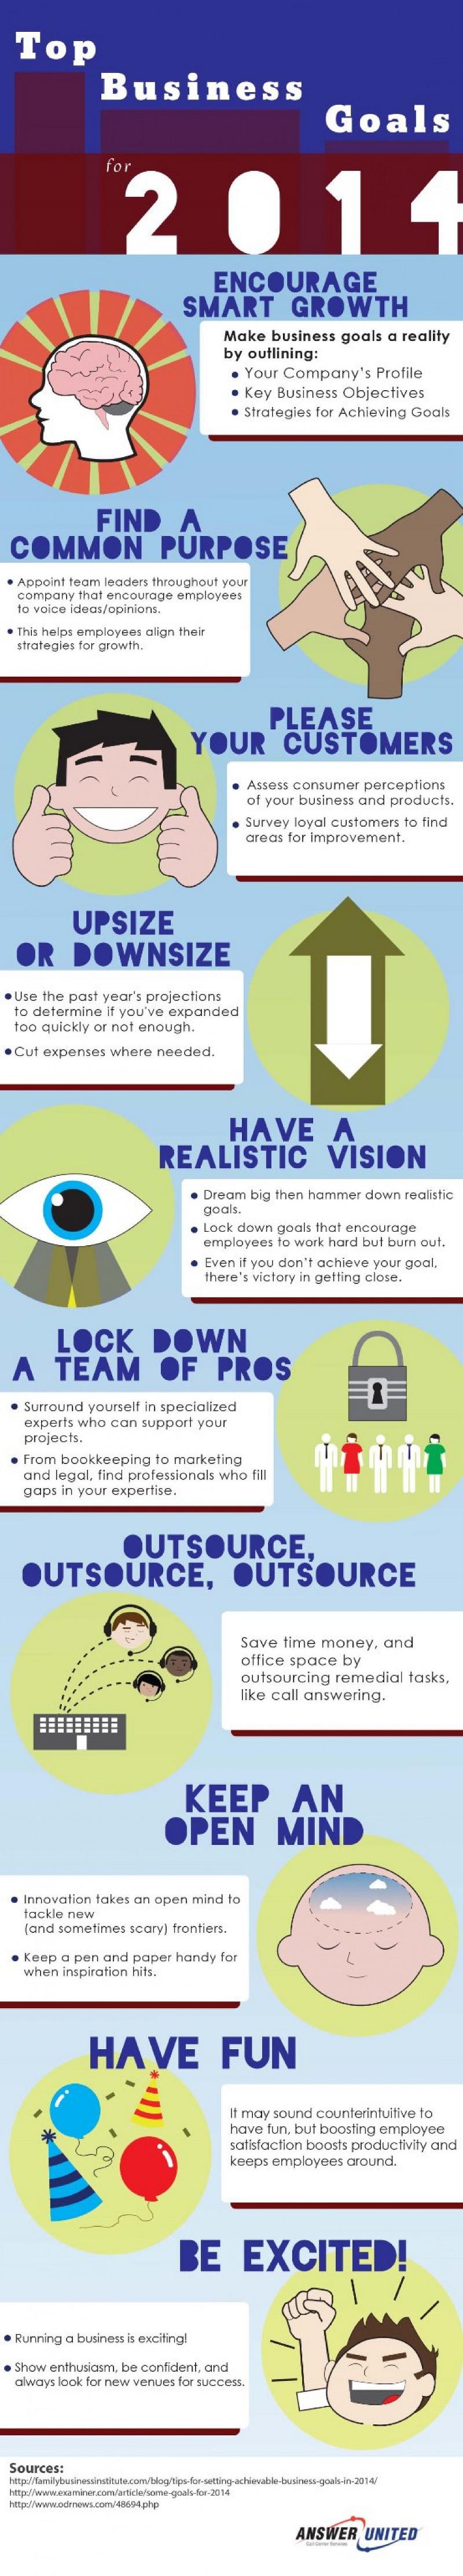 Top Business Goals